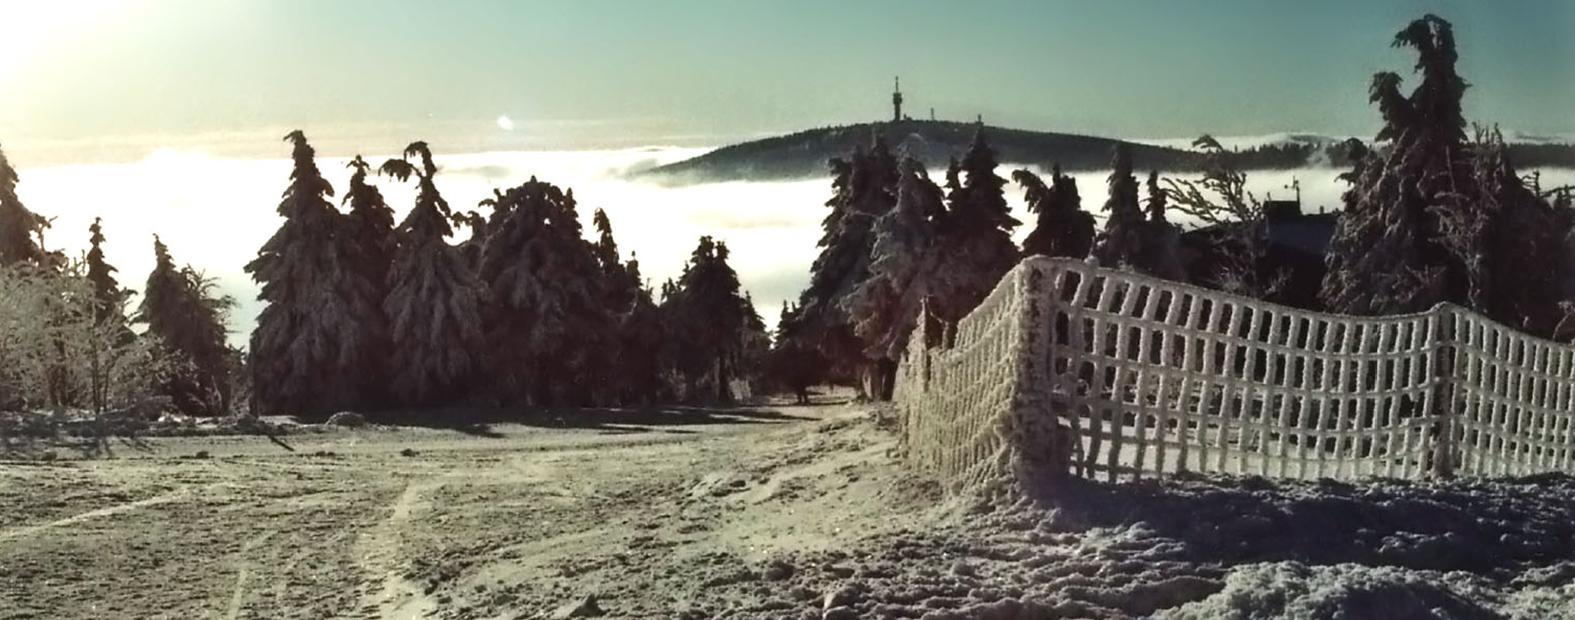 waldquell_winter-1_schmal